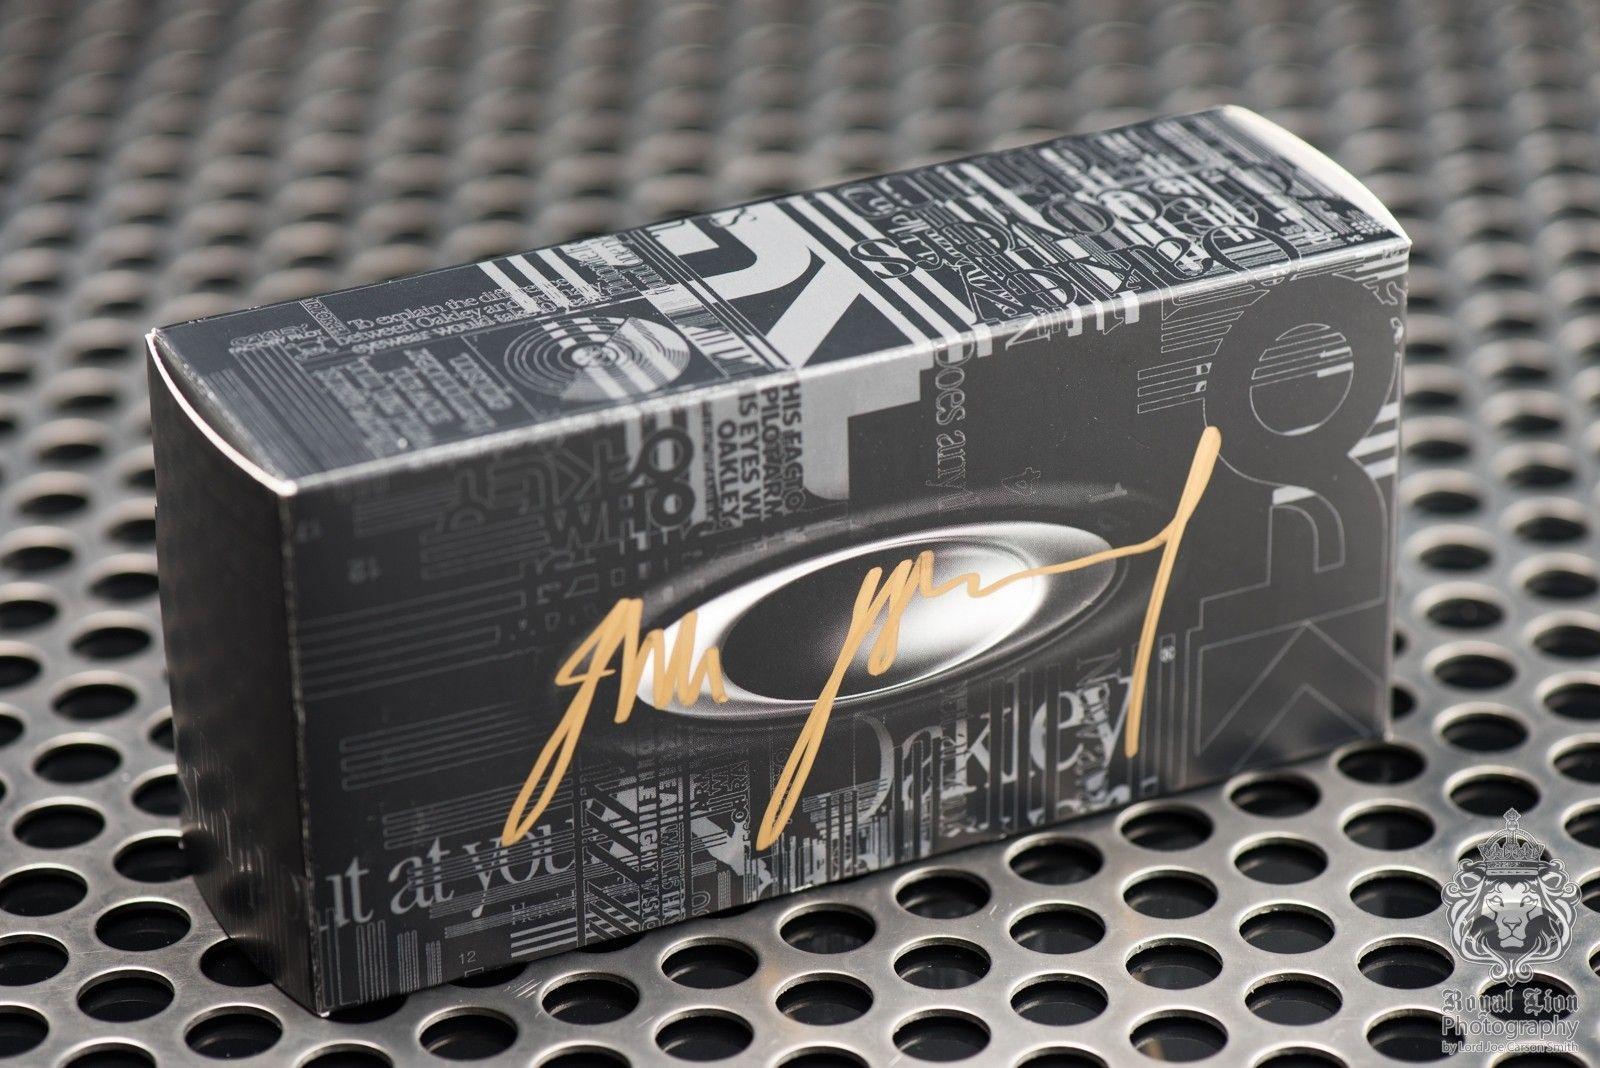 Oakley Nanowire 4.0 Signed by Jim Jannard - ND8_3486.jpg